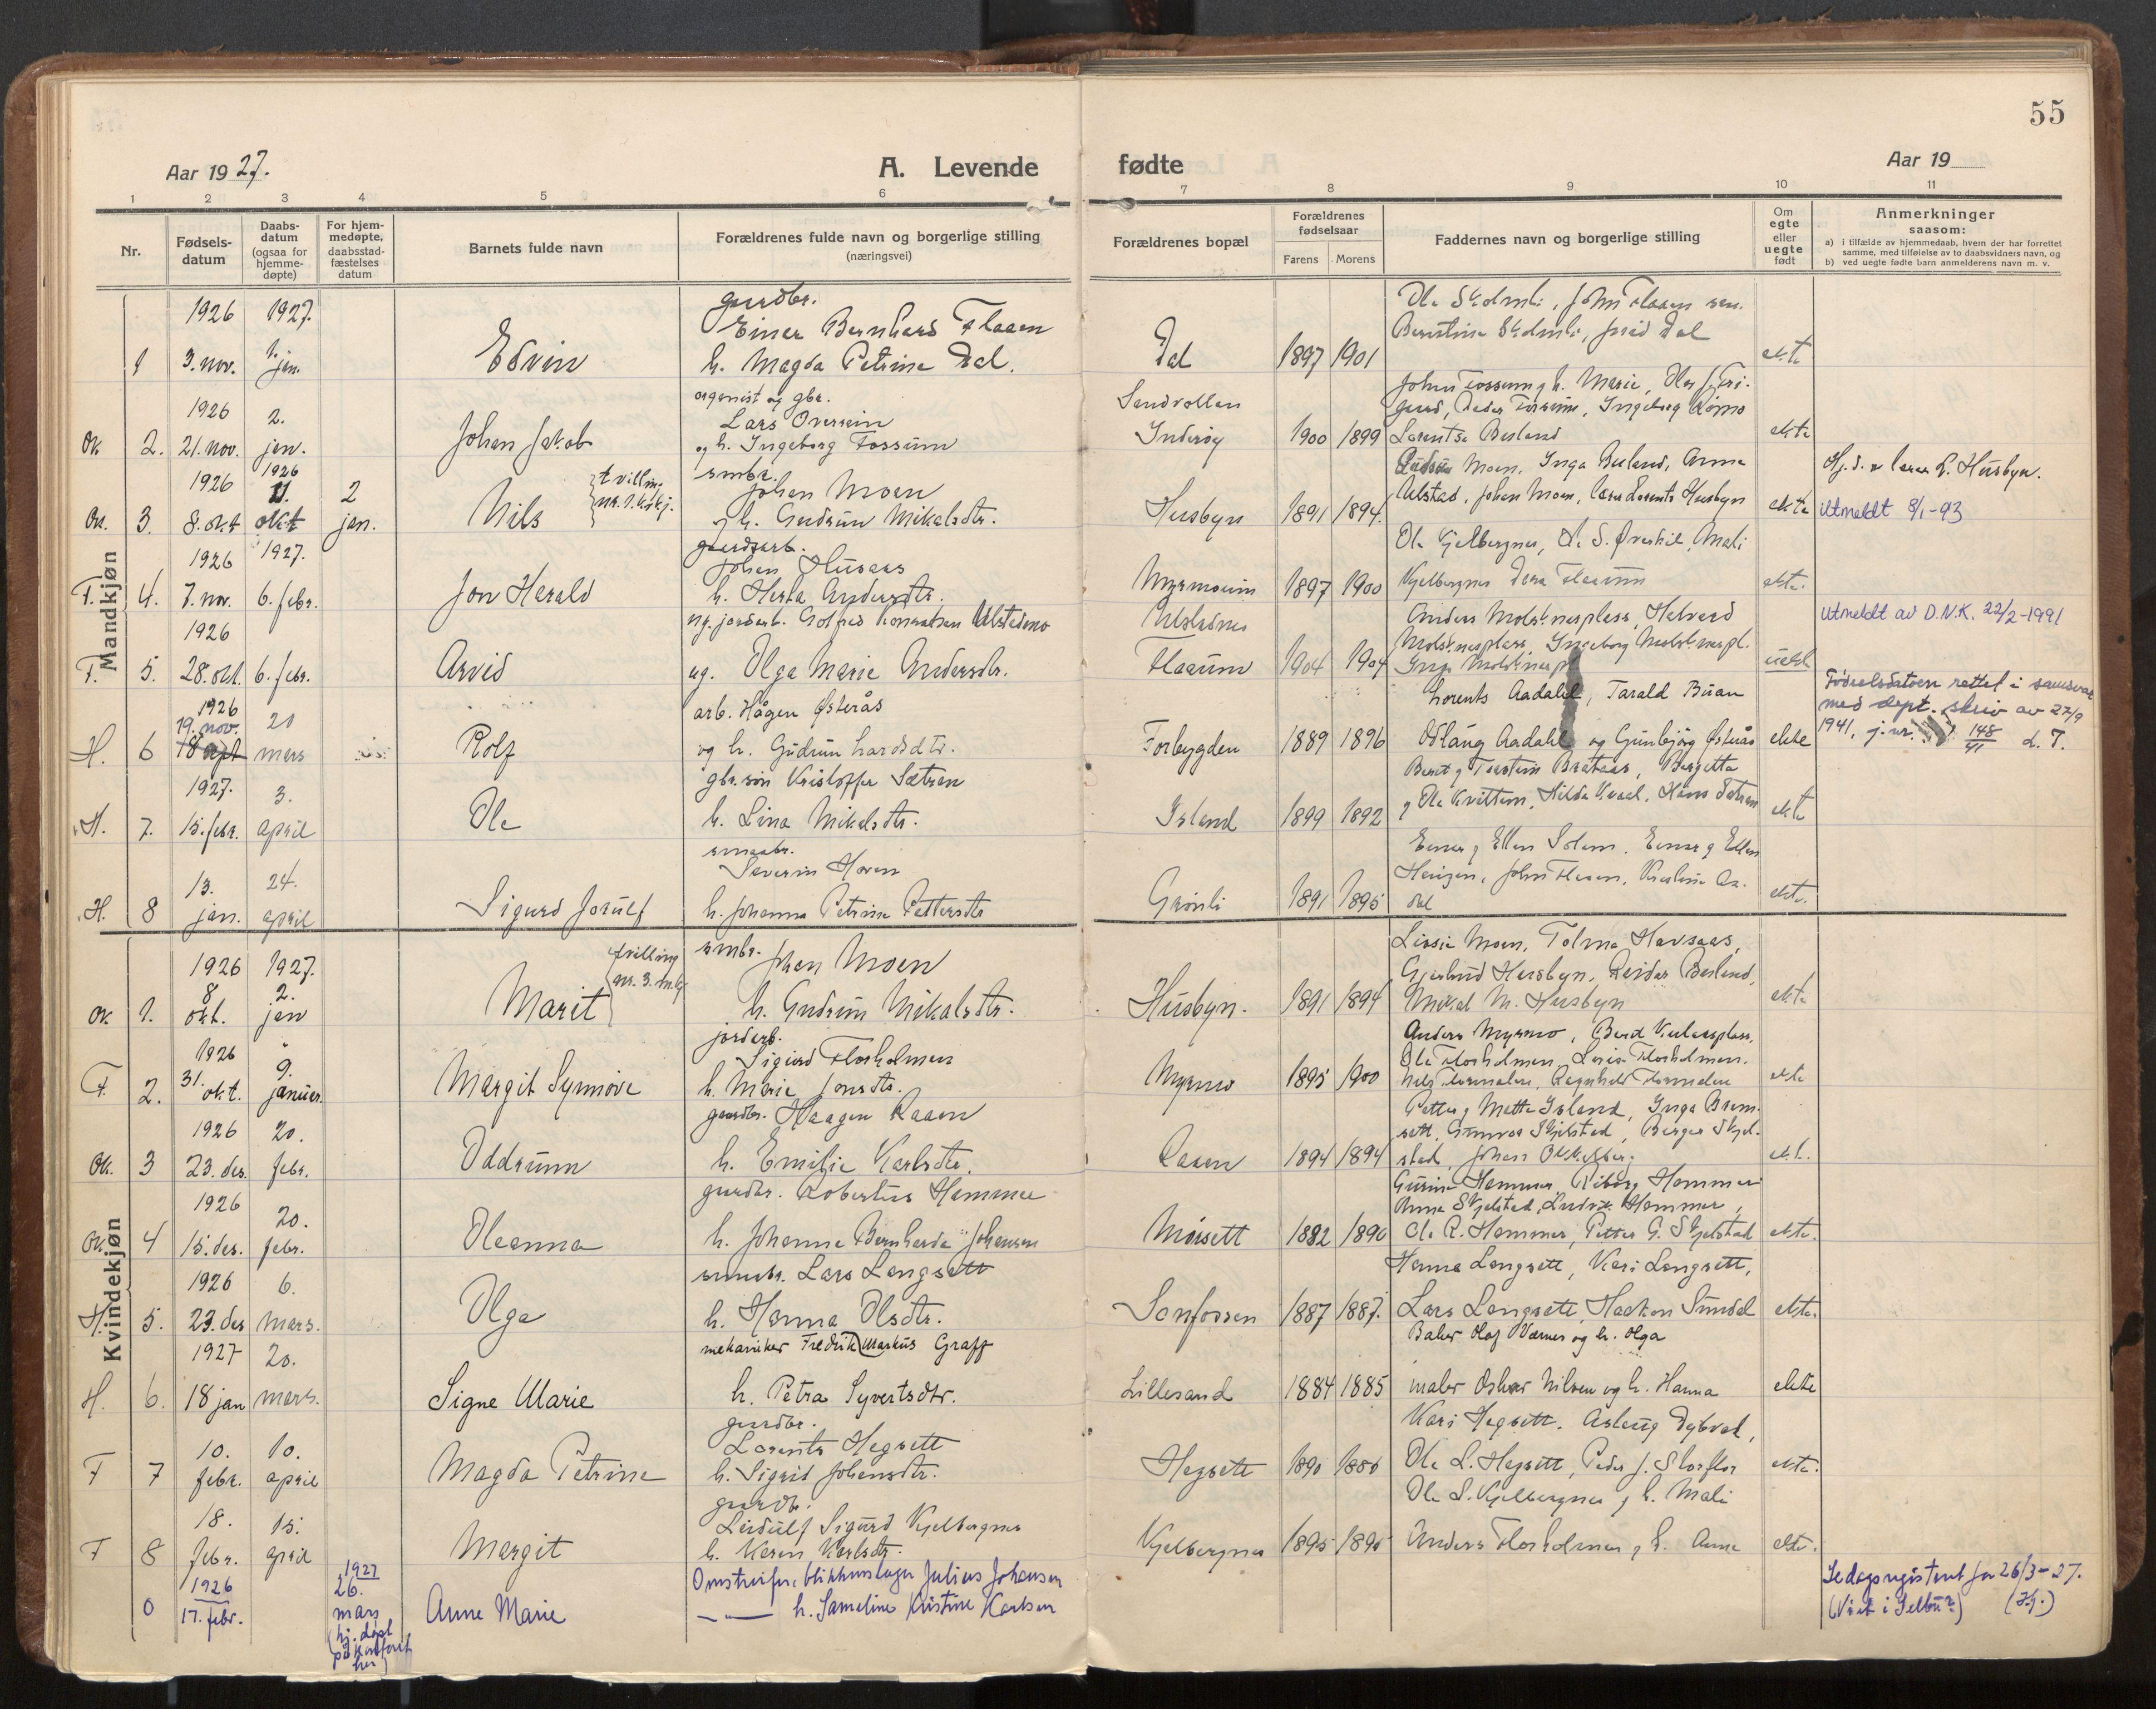 SAT, Ministerialprotokoller, klokkerbøker og fødselsregistre - Nord-Trøndelag, 703/L0037: Parish register (official) no. 703A10, 1915-1932, p. 55